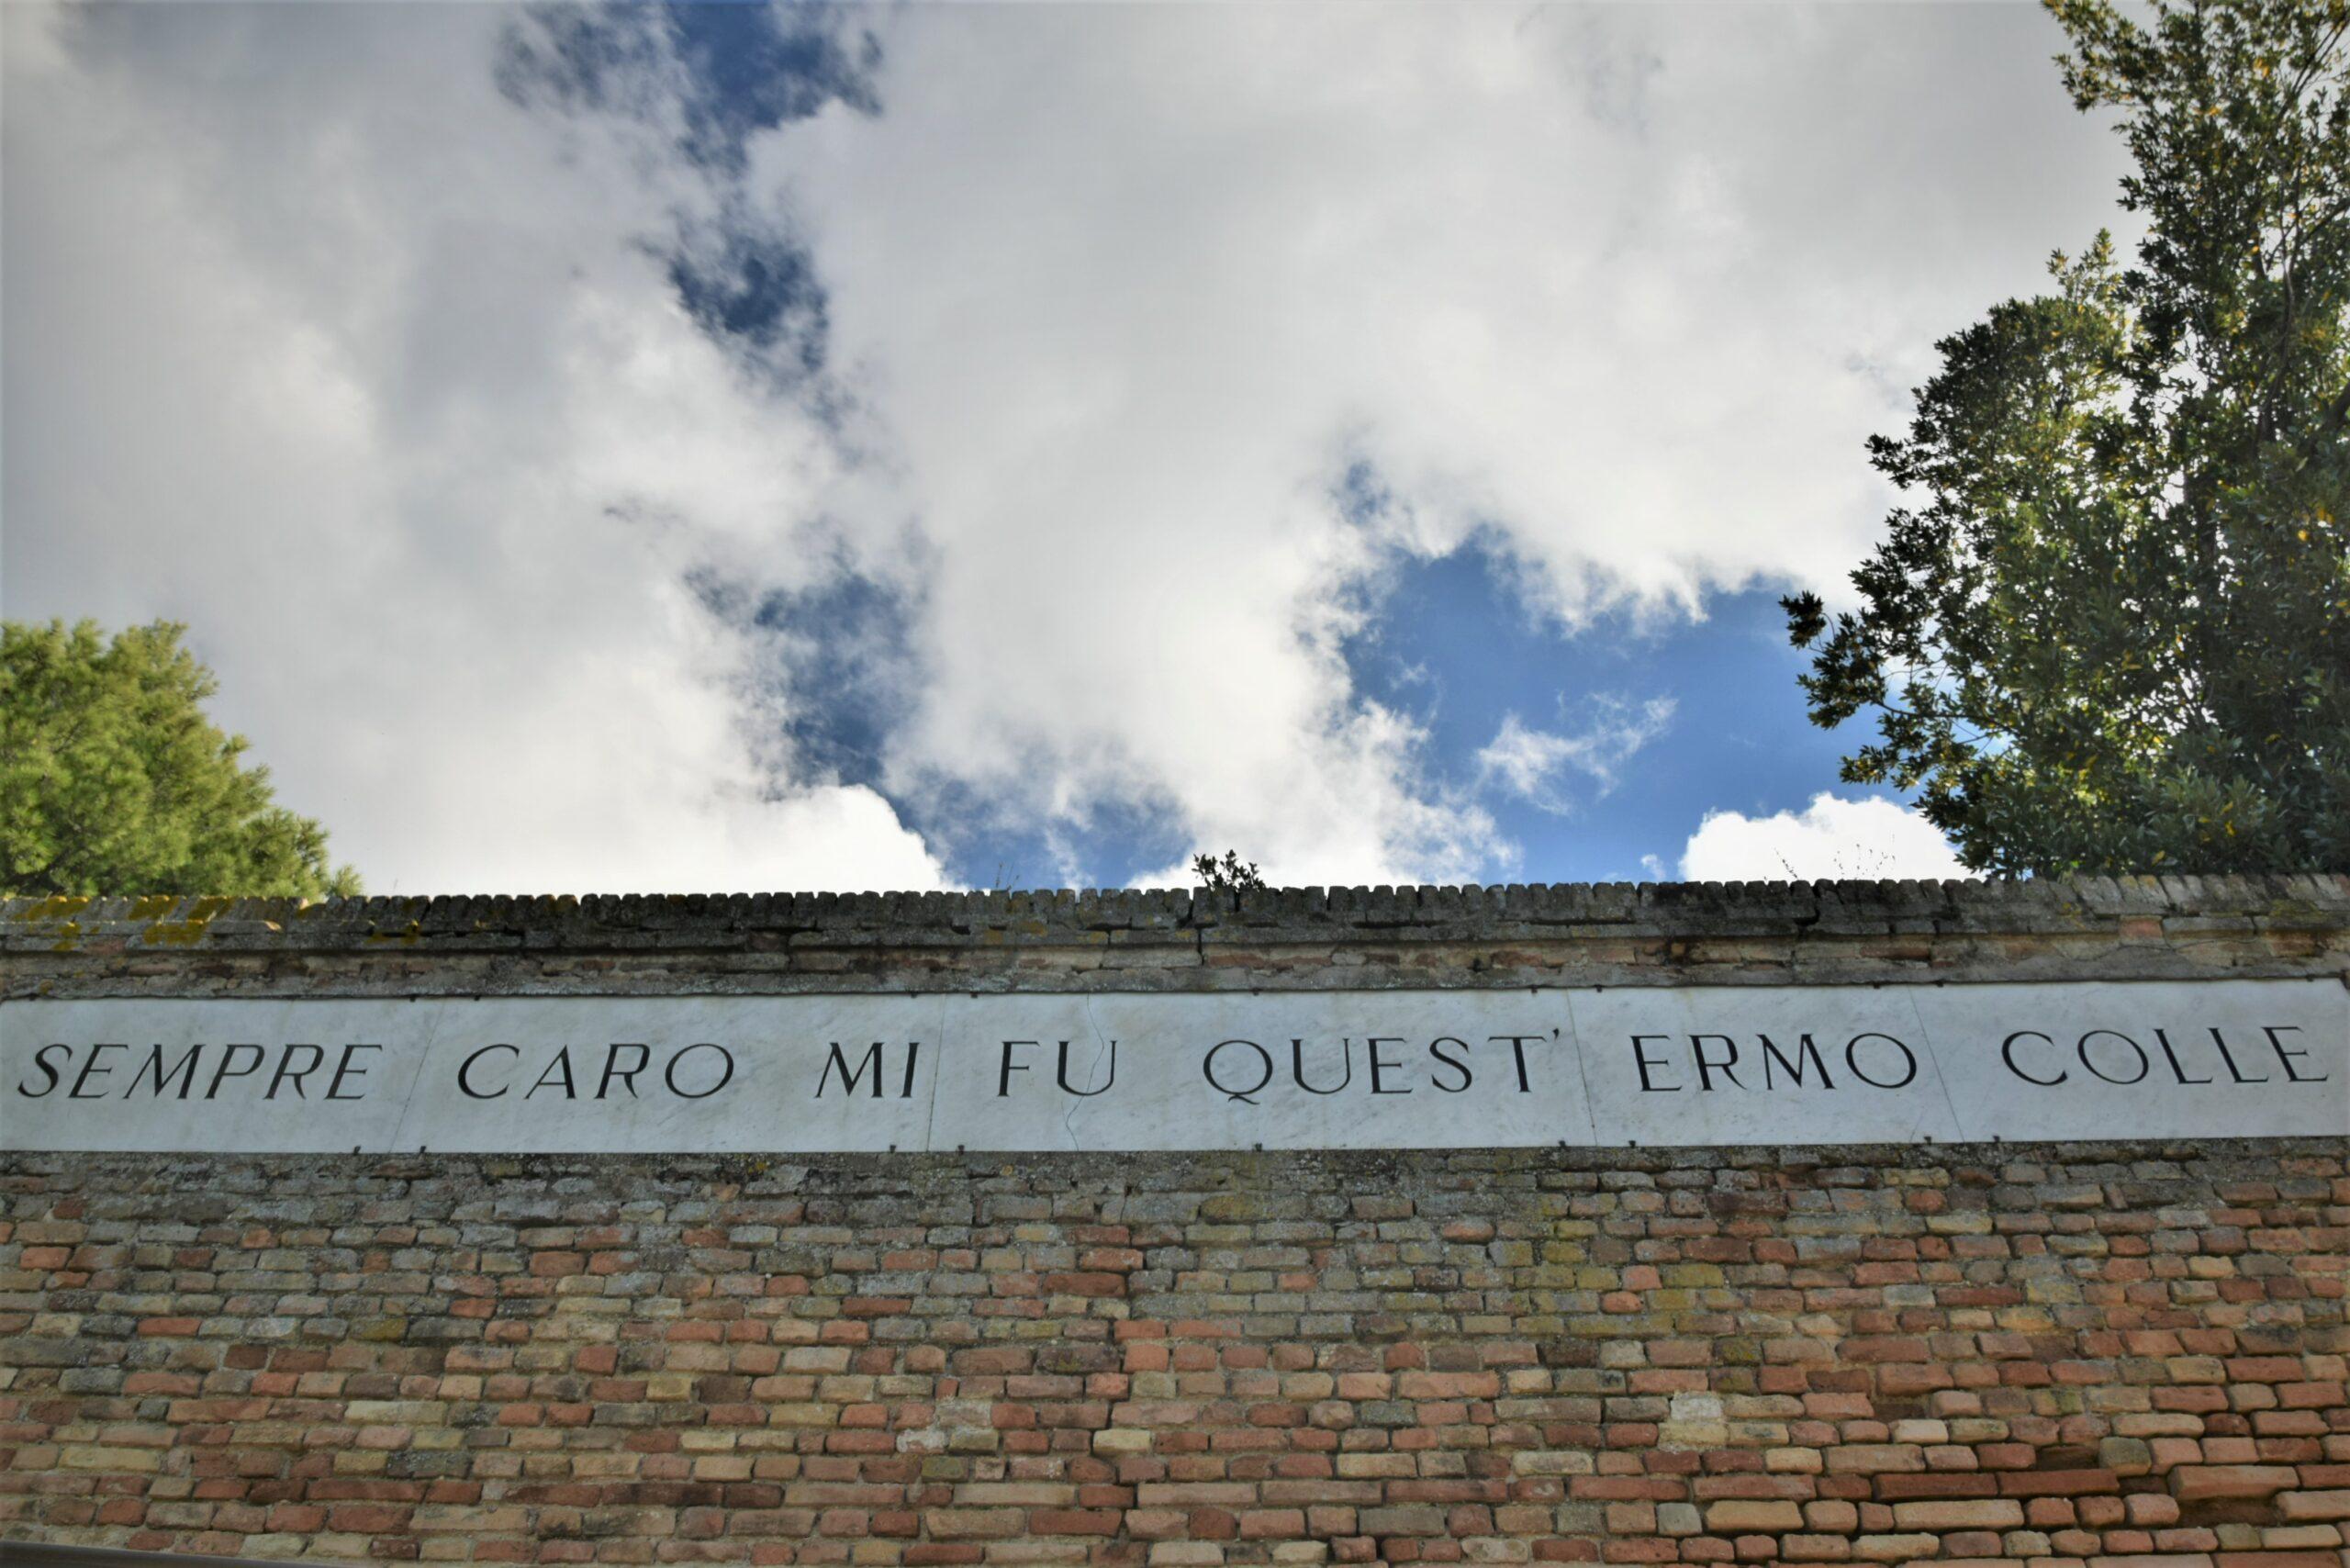 Ermo Colle Recanati